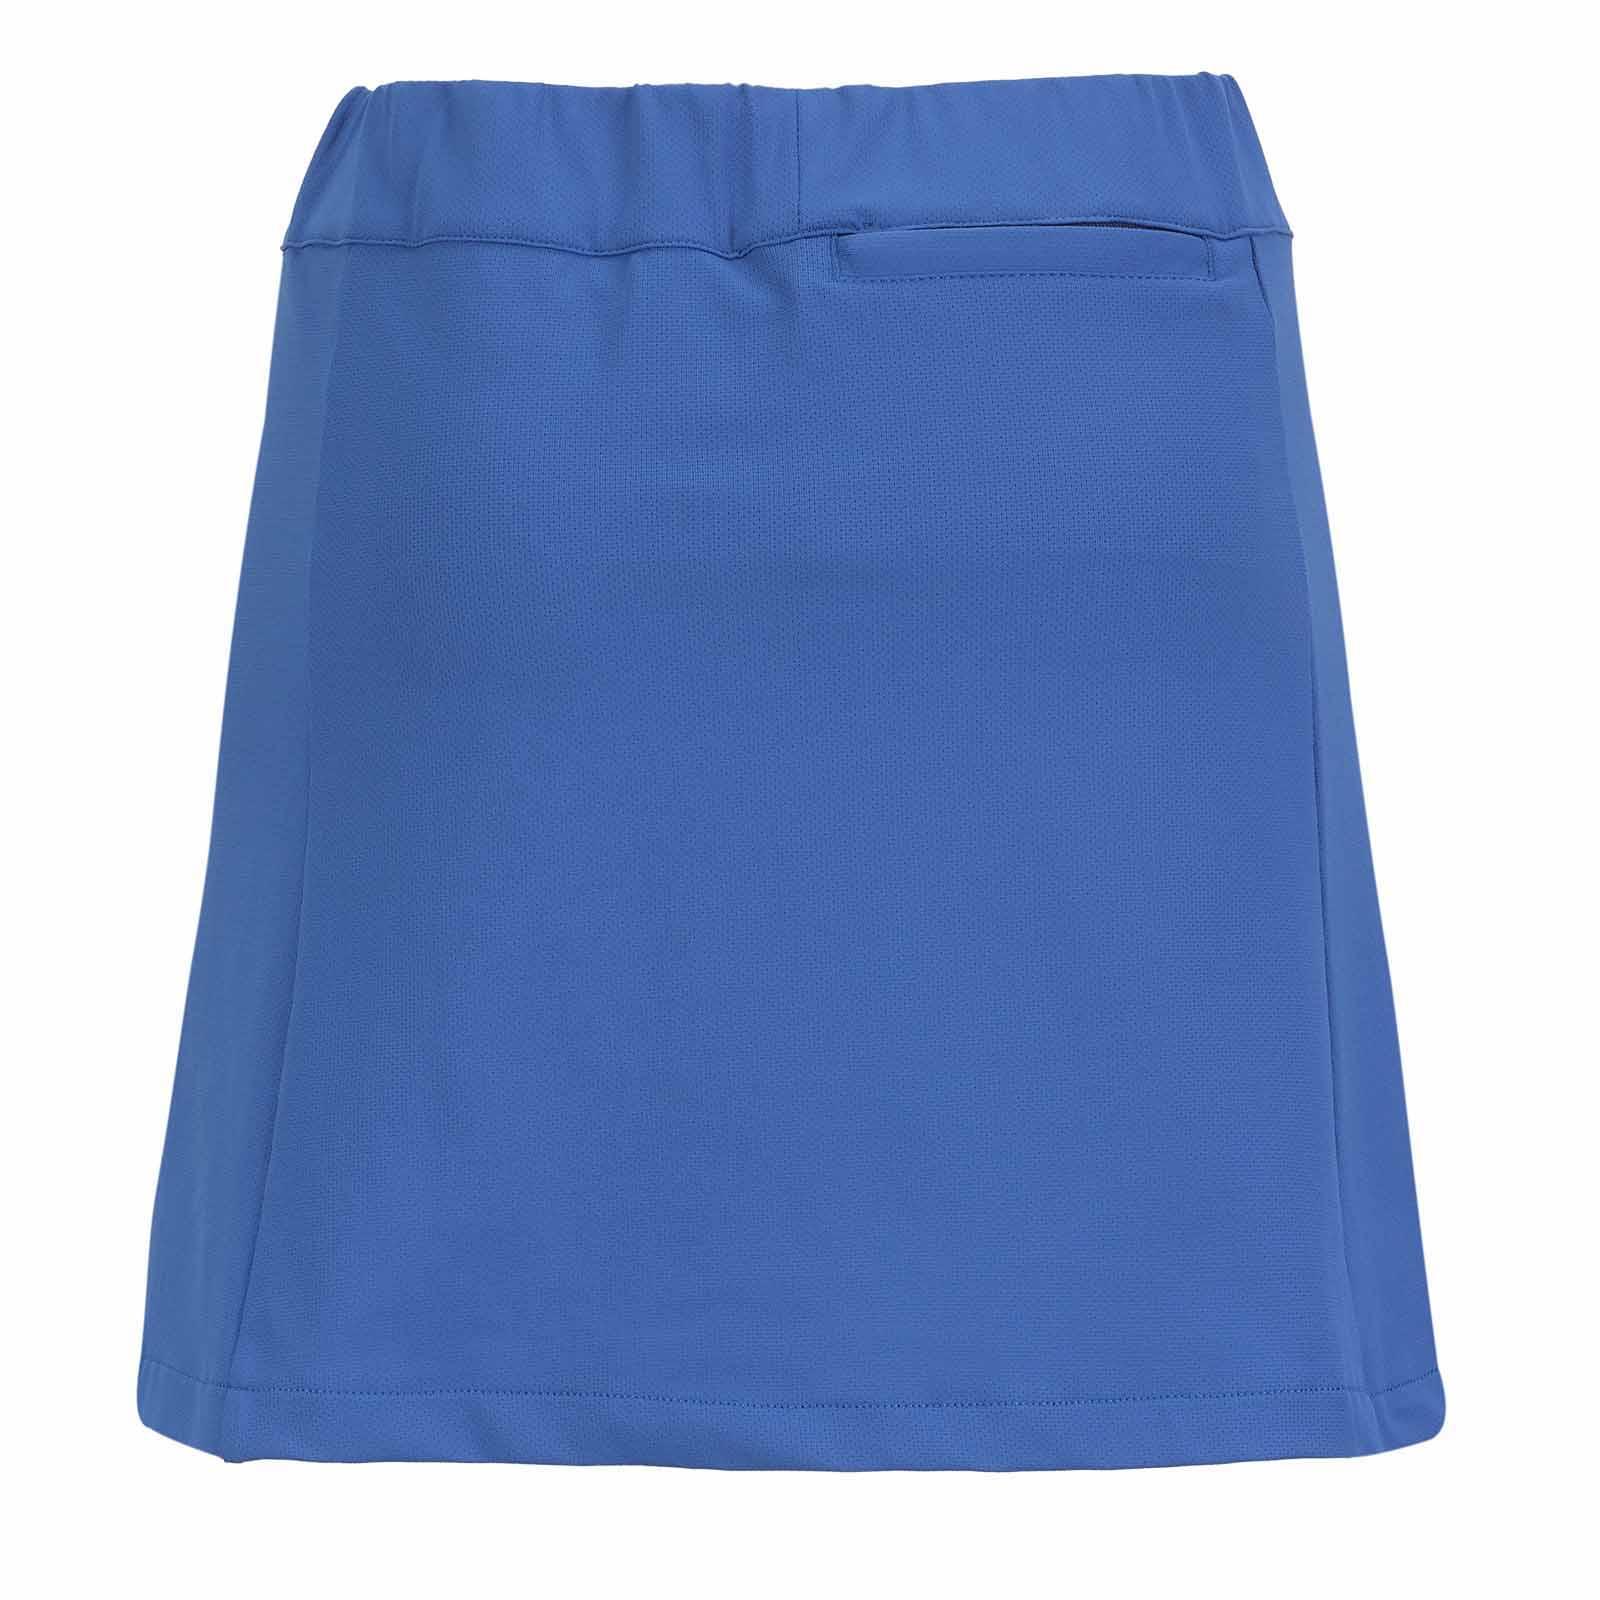 Damen Funktions-Golfskort in kurzer Länge mit Extra Stretch Komfort